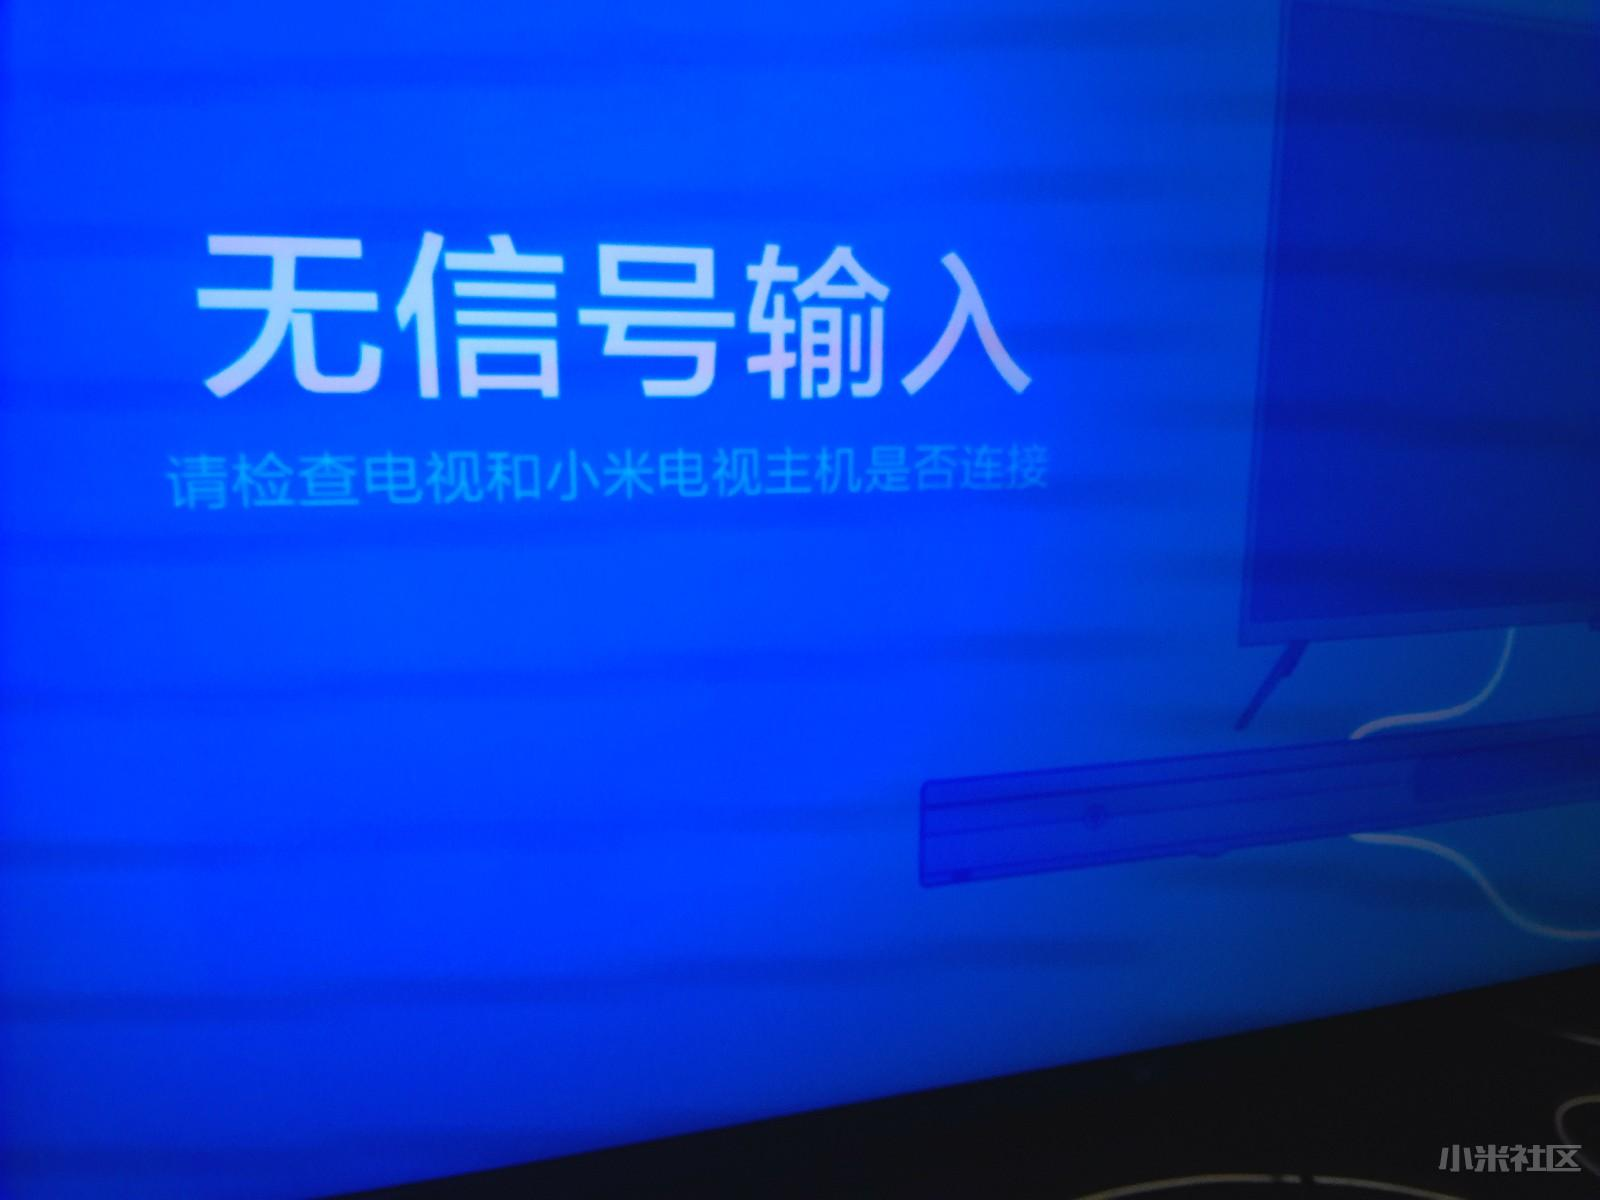 小米电视3 55寸 主机无法供电 屏幕无信号输入